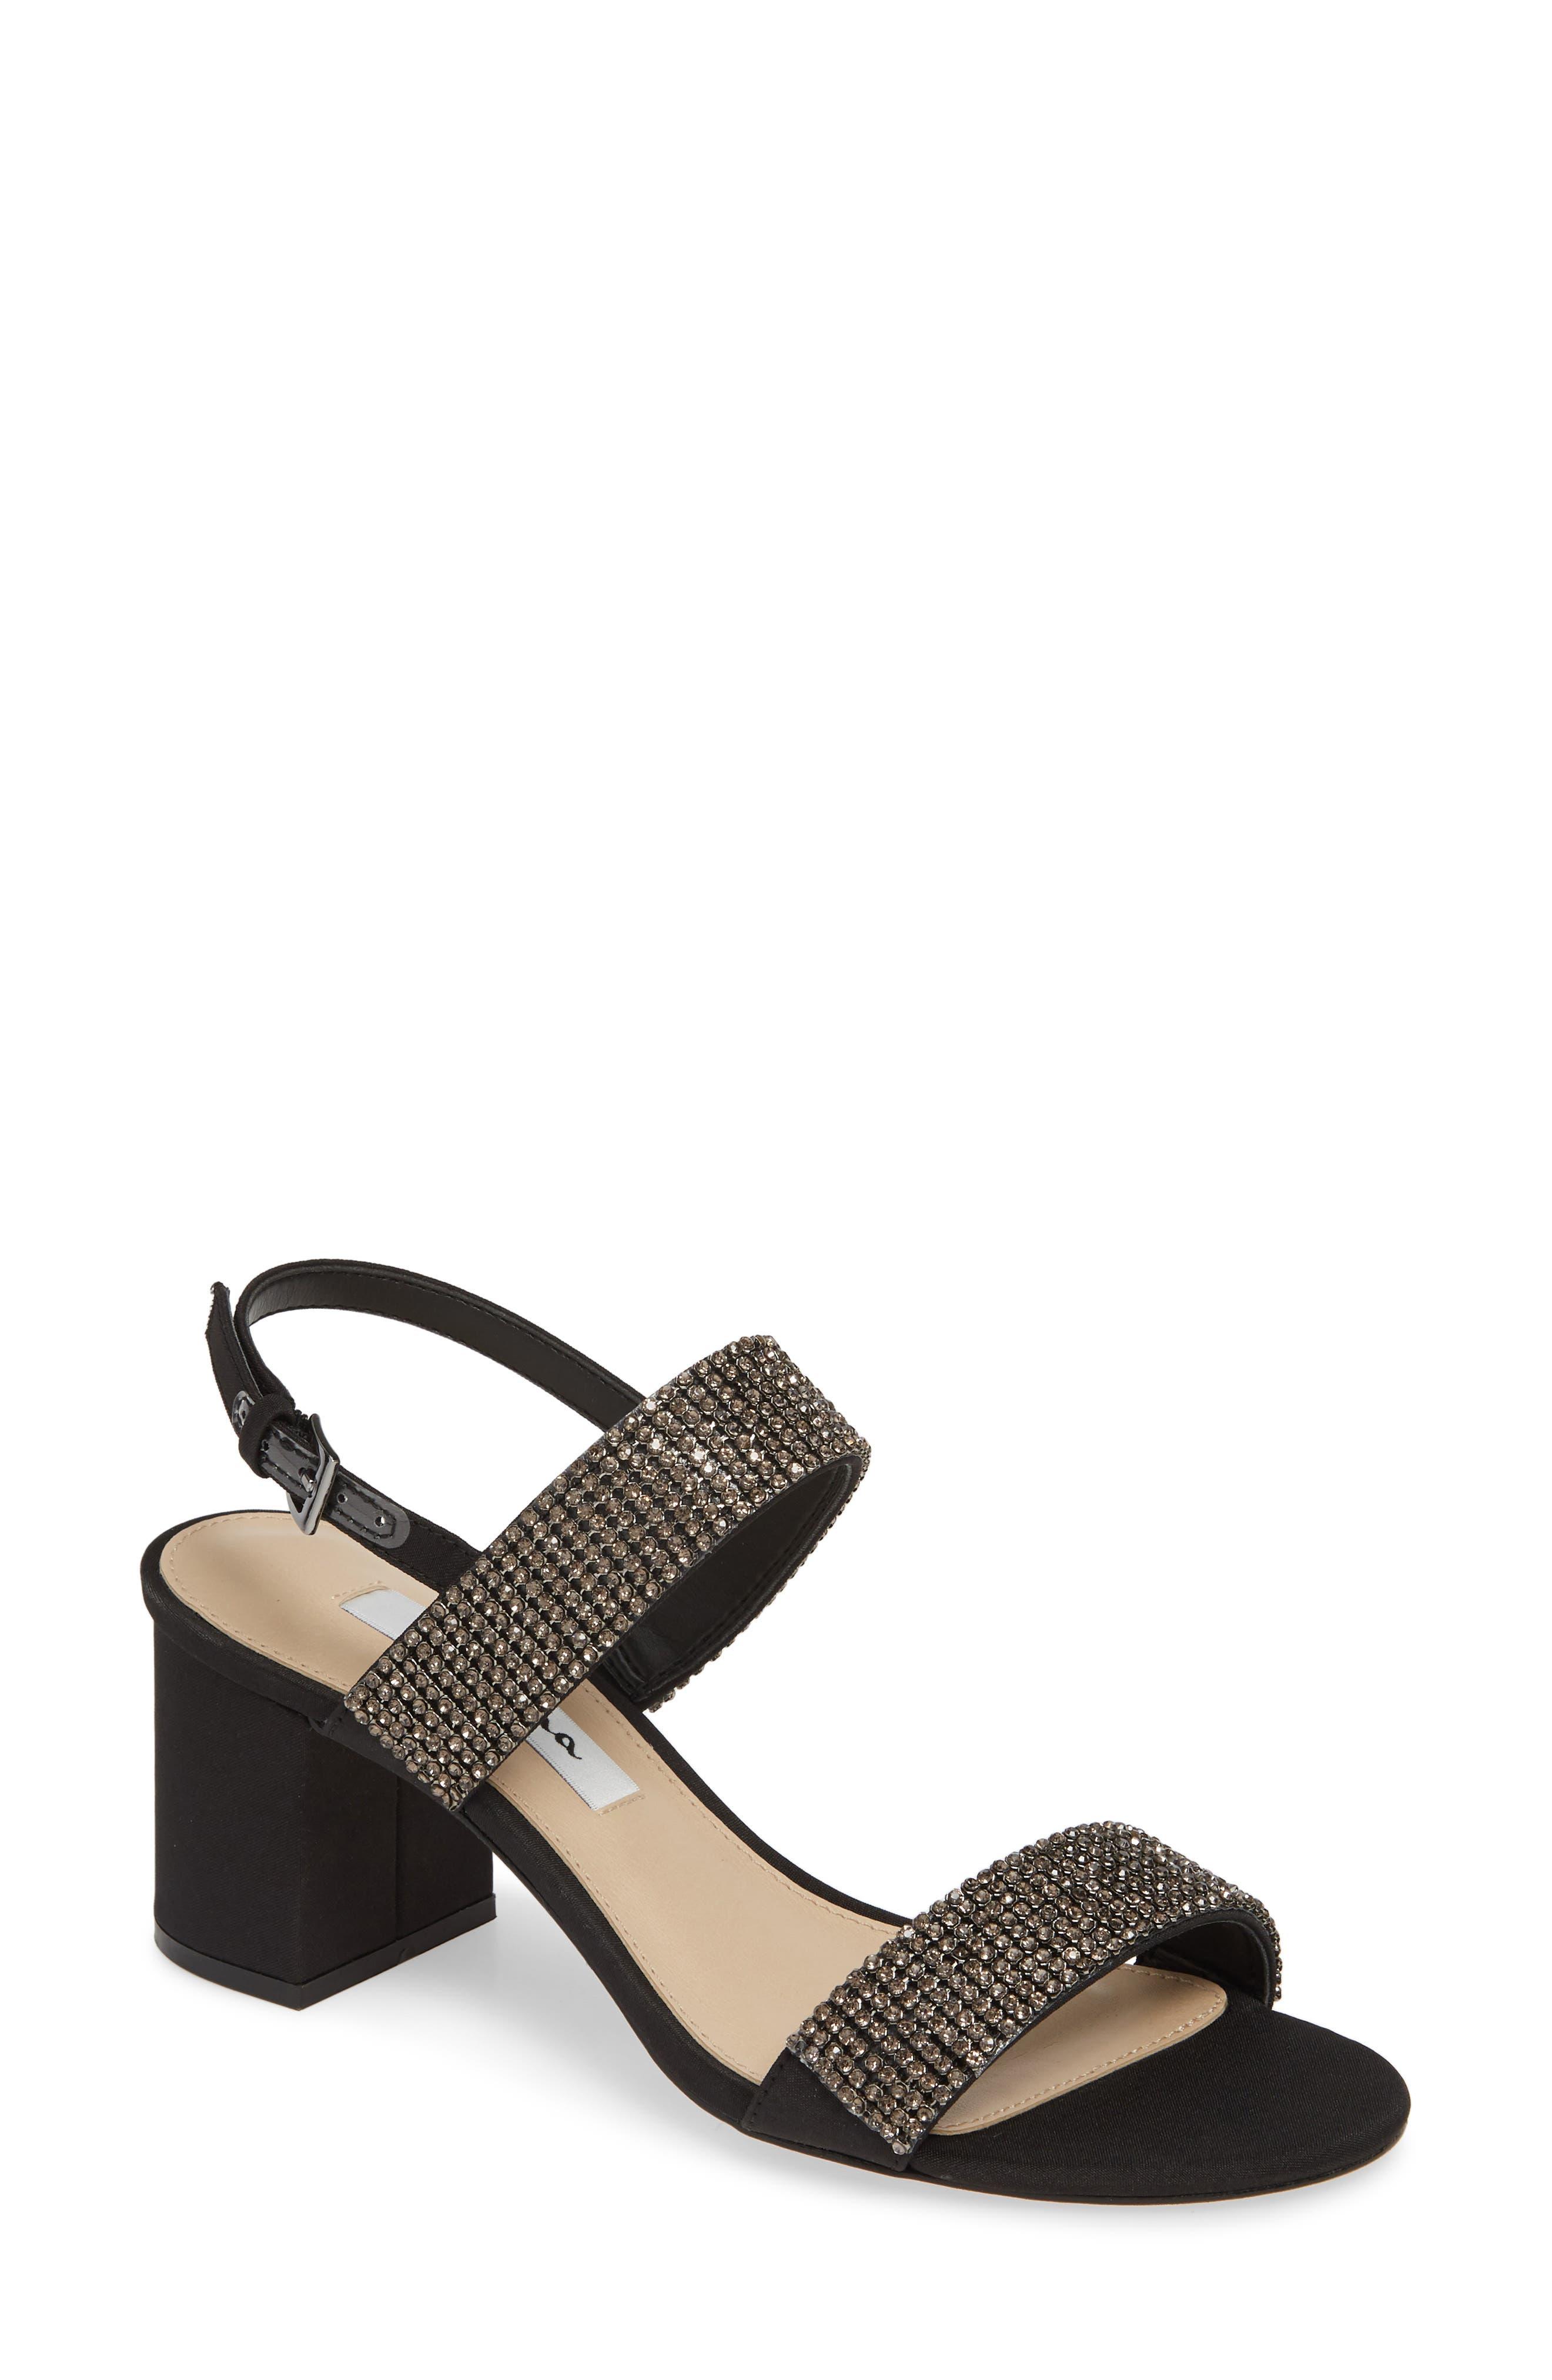 Naomi Crystal Embellished Sandal, Main, color, BLACK FABRIC